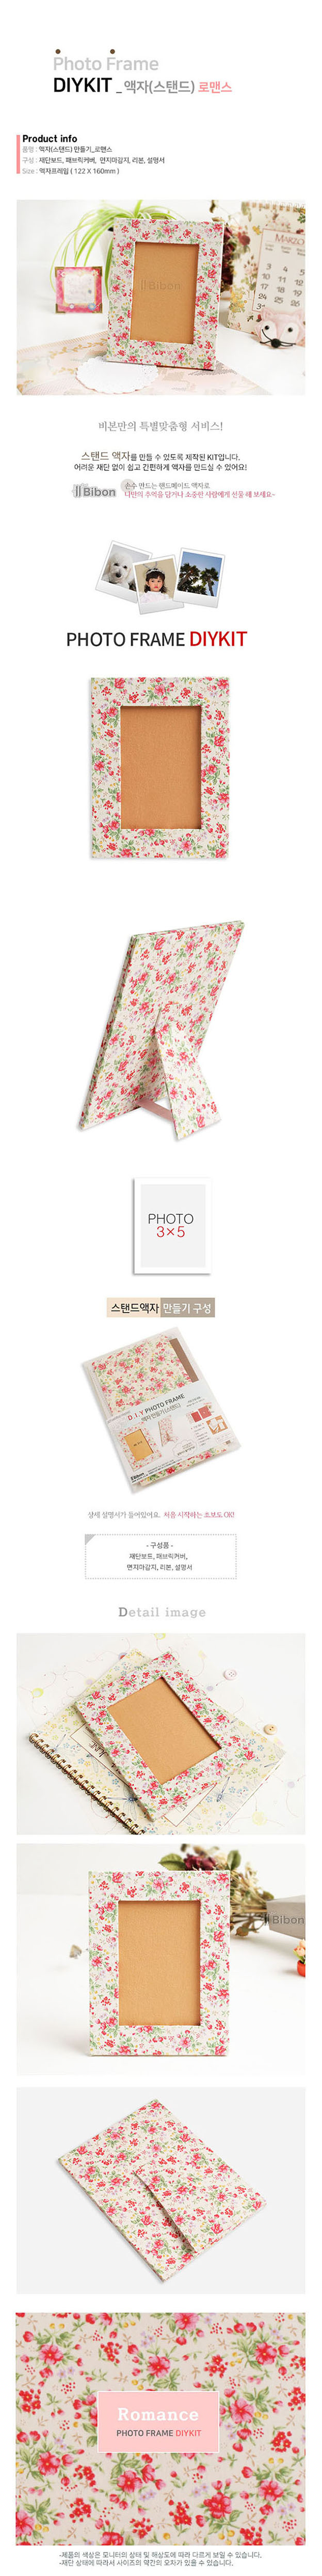 액자(스탠드형) 만들기 KIT _로맨스 - 비본, 3,500원, 종이공예/북아트, 북아트 패키지